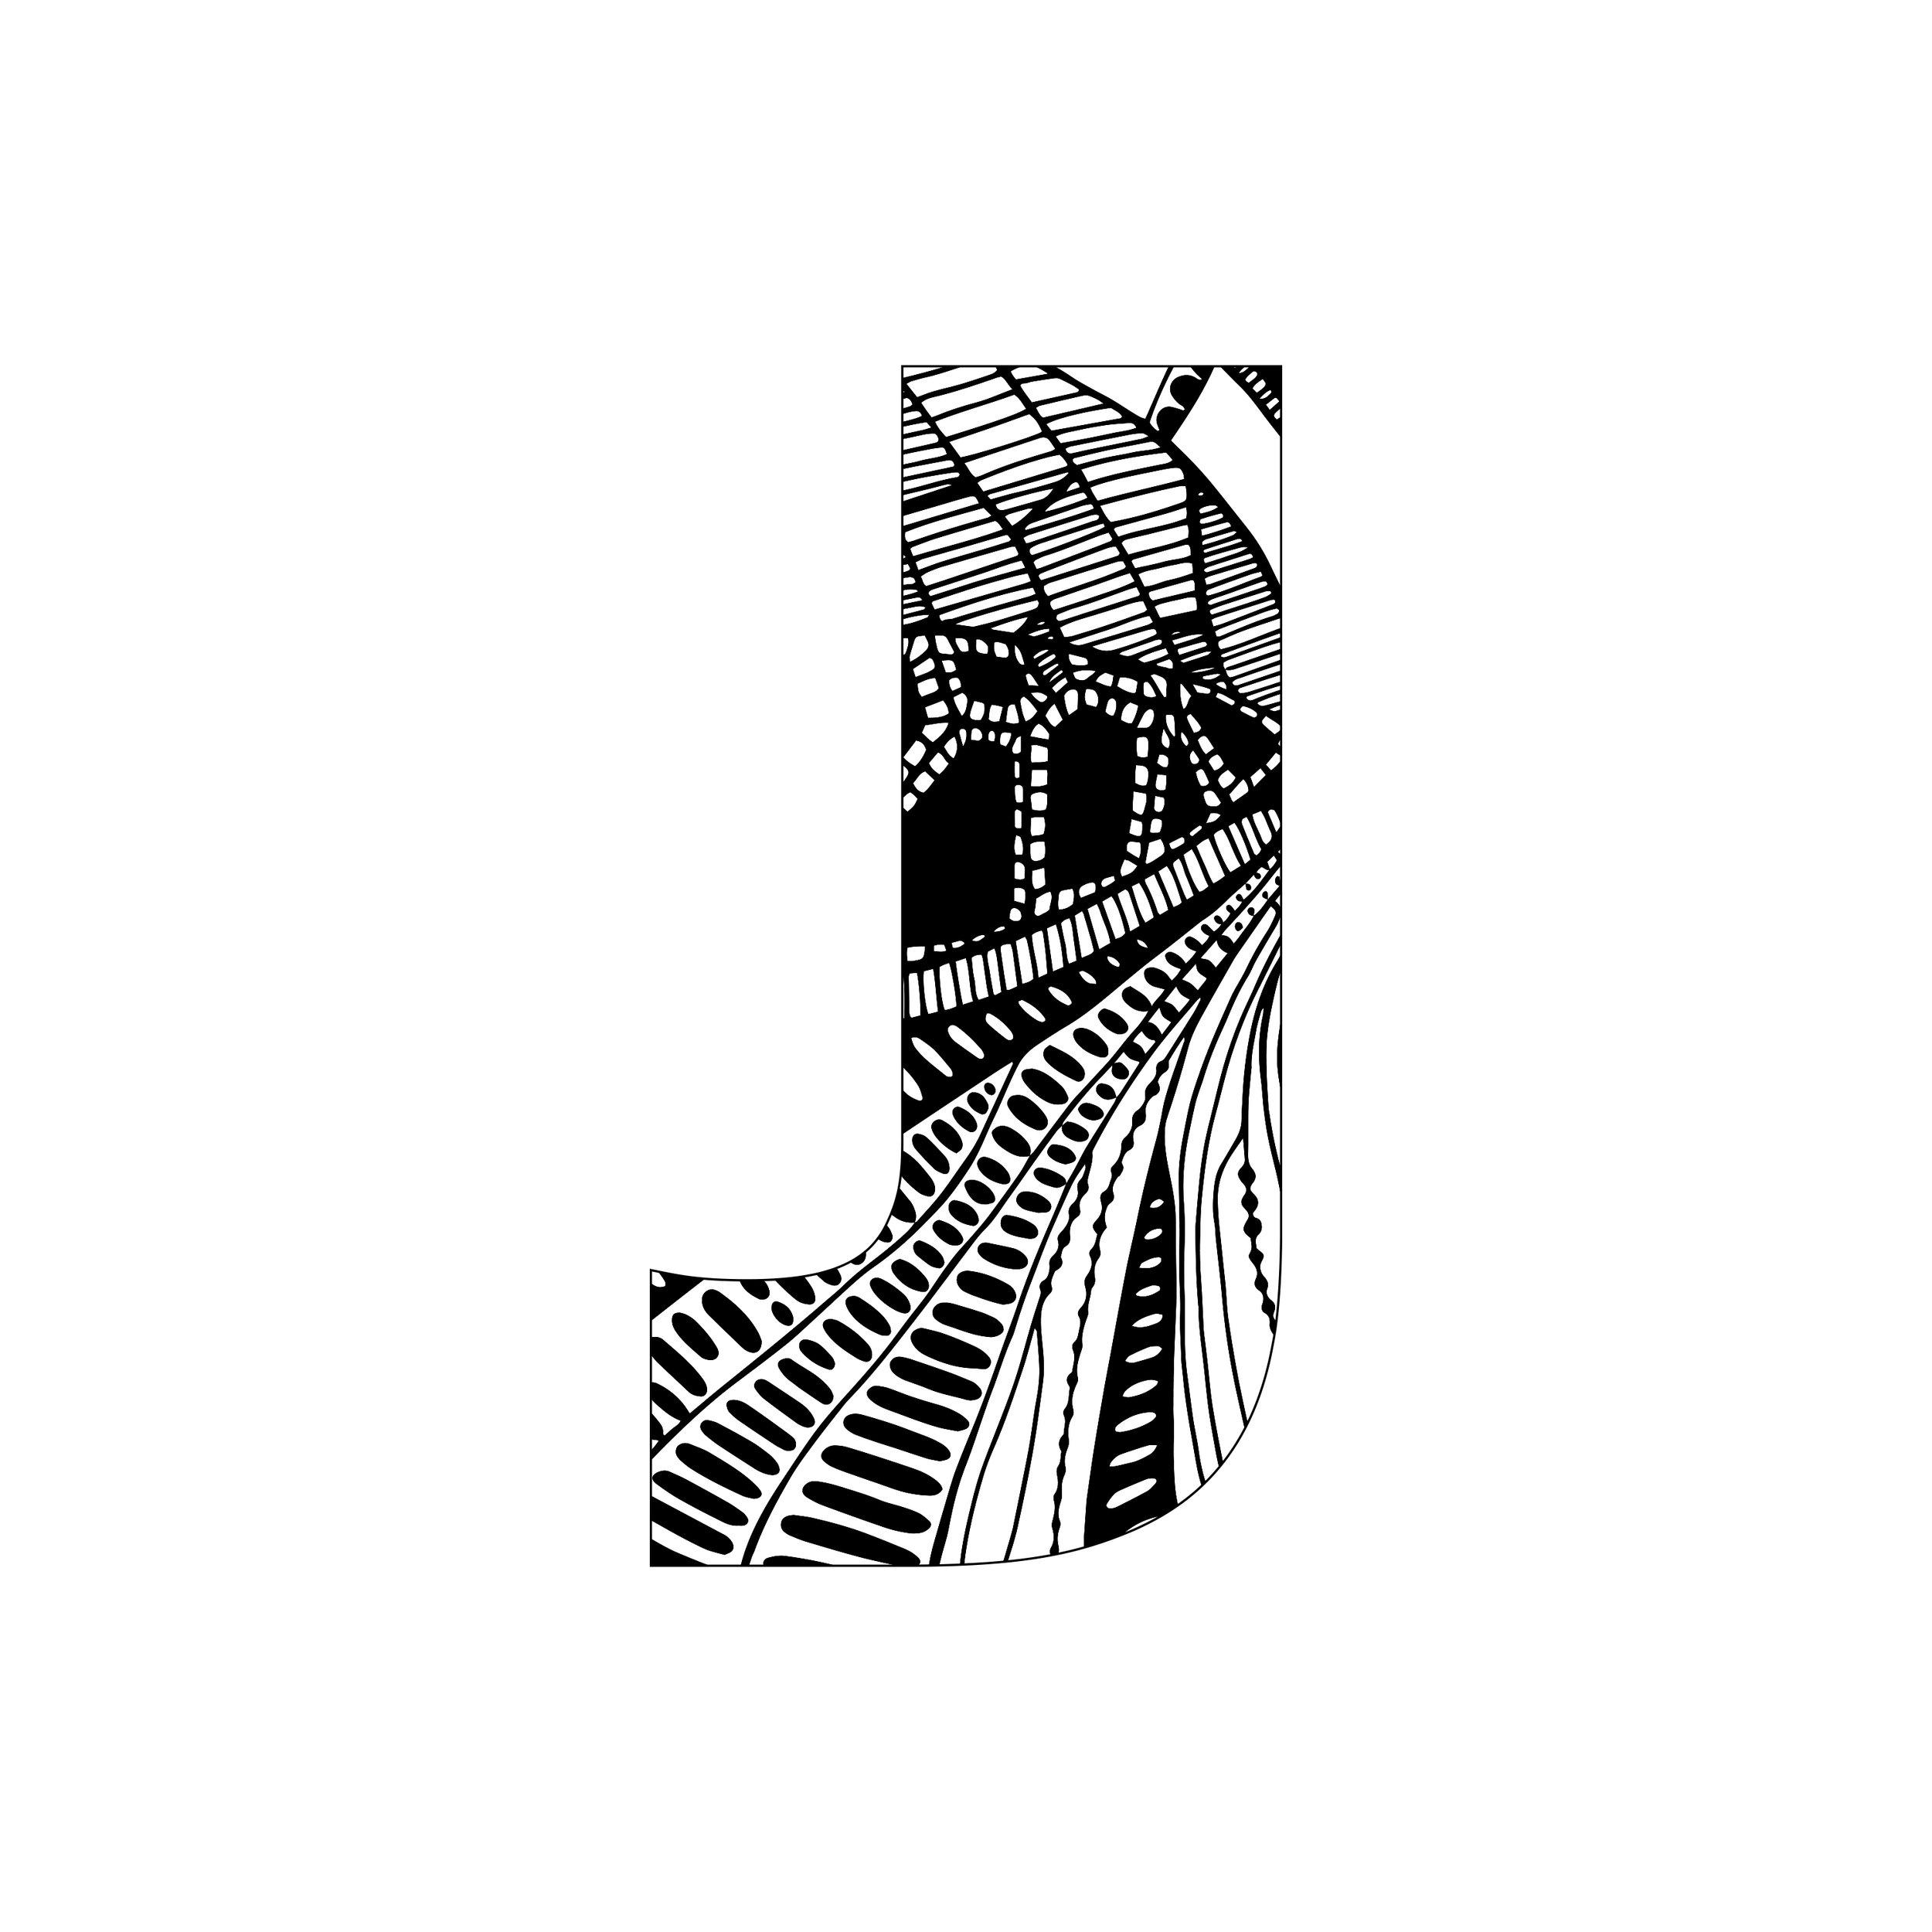 J 1-1.jpg